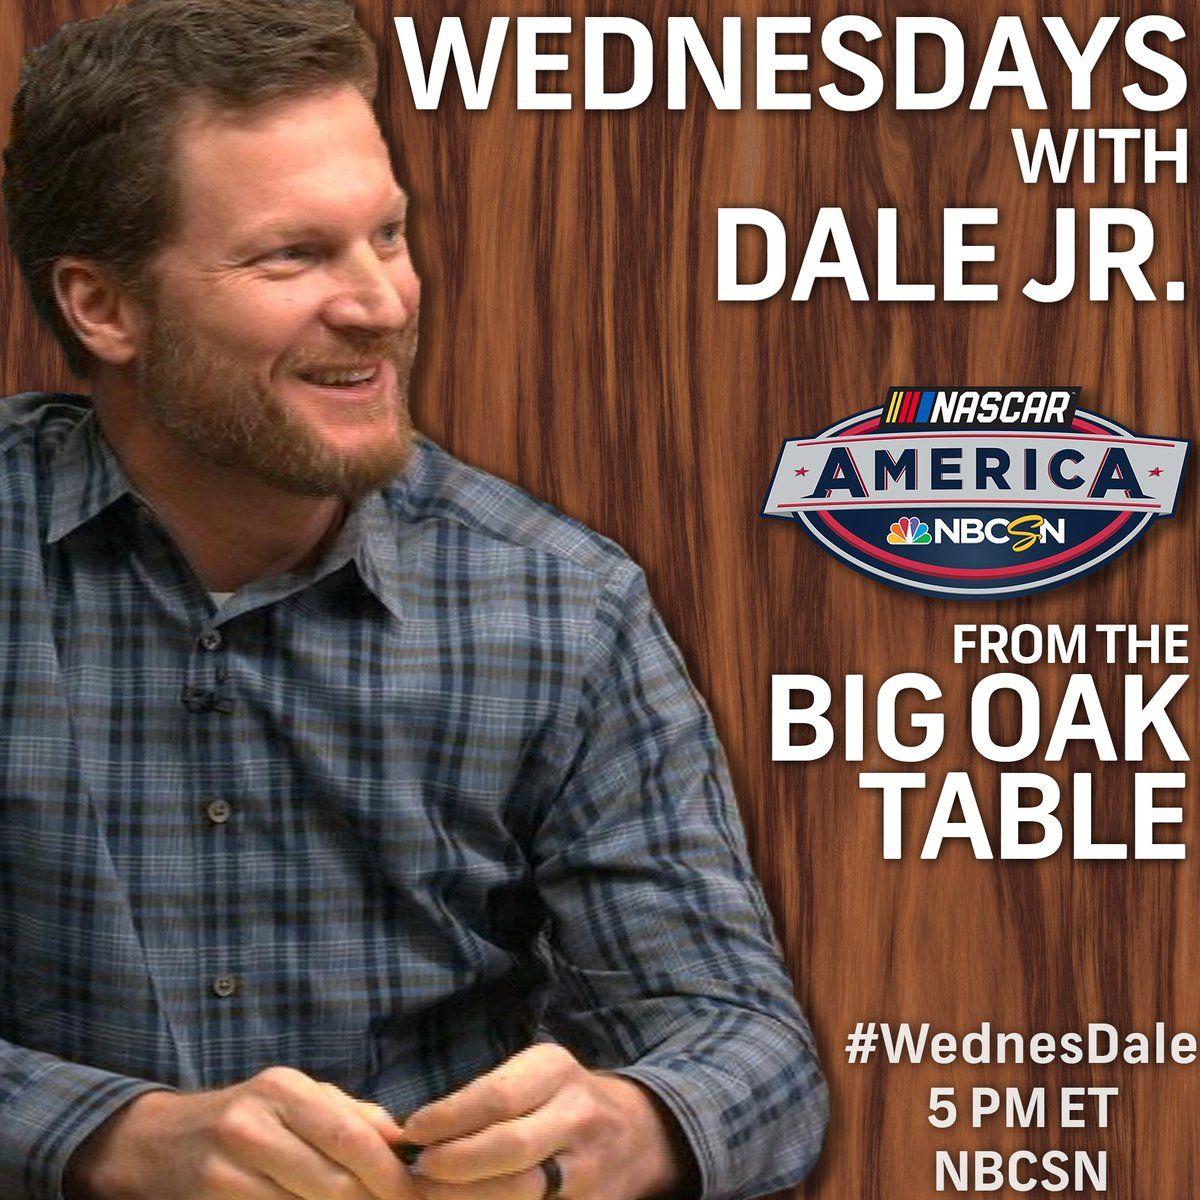 NASCAR on NBC on Nascar, Jr motorsports, Dale jr